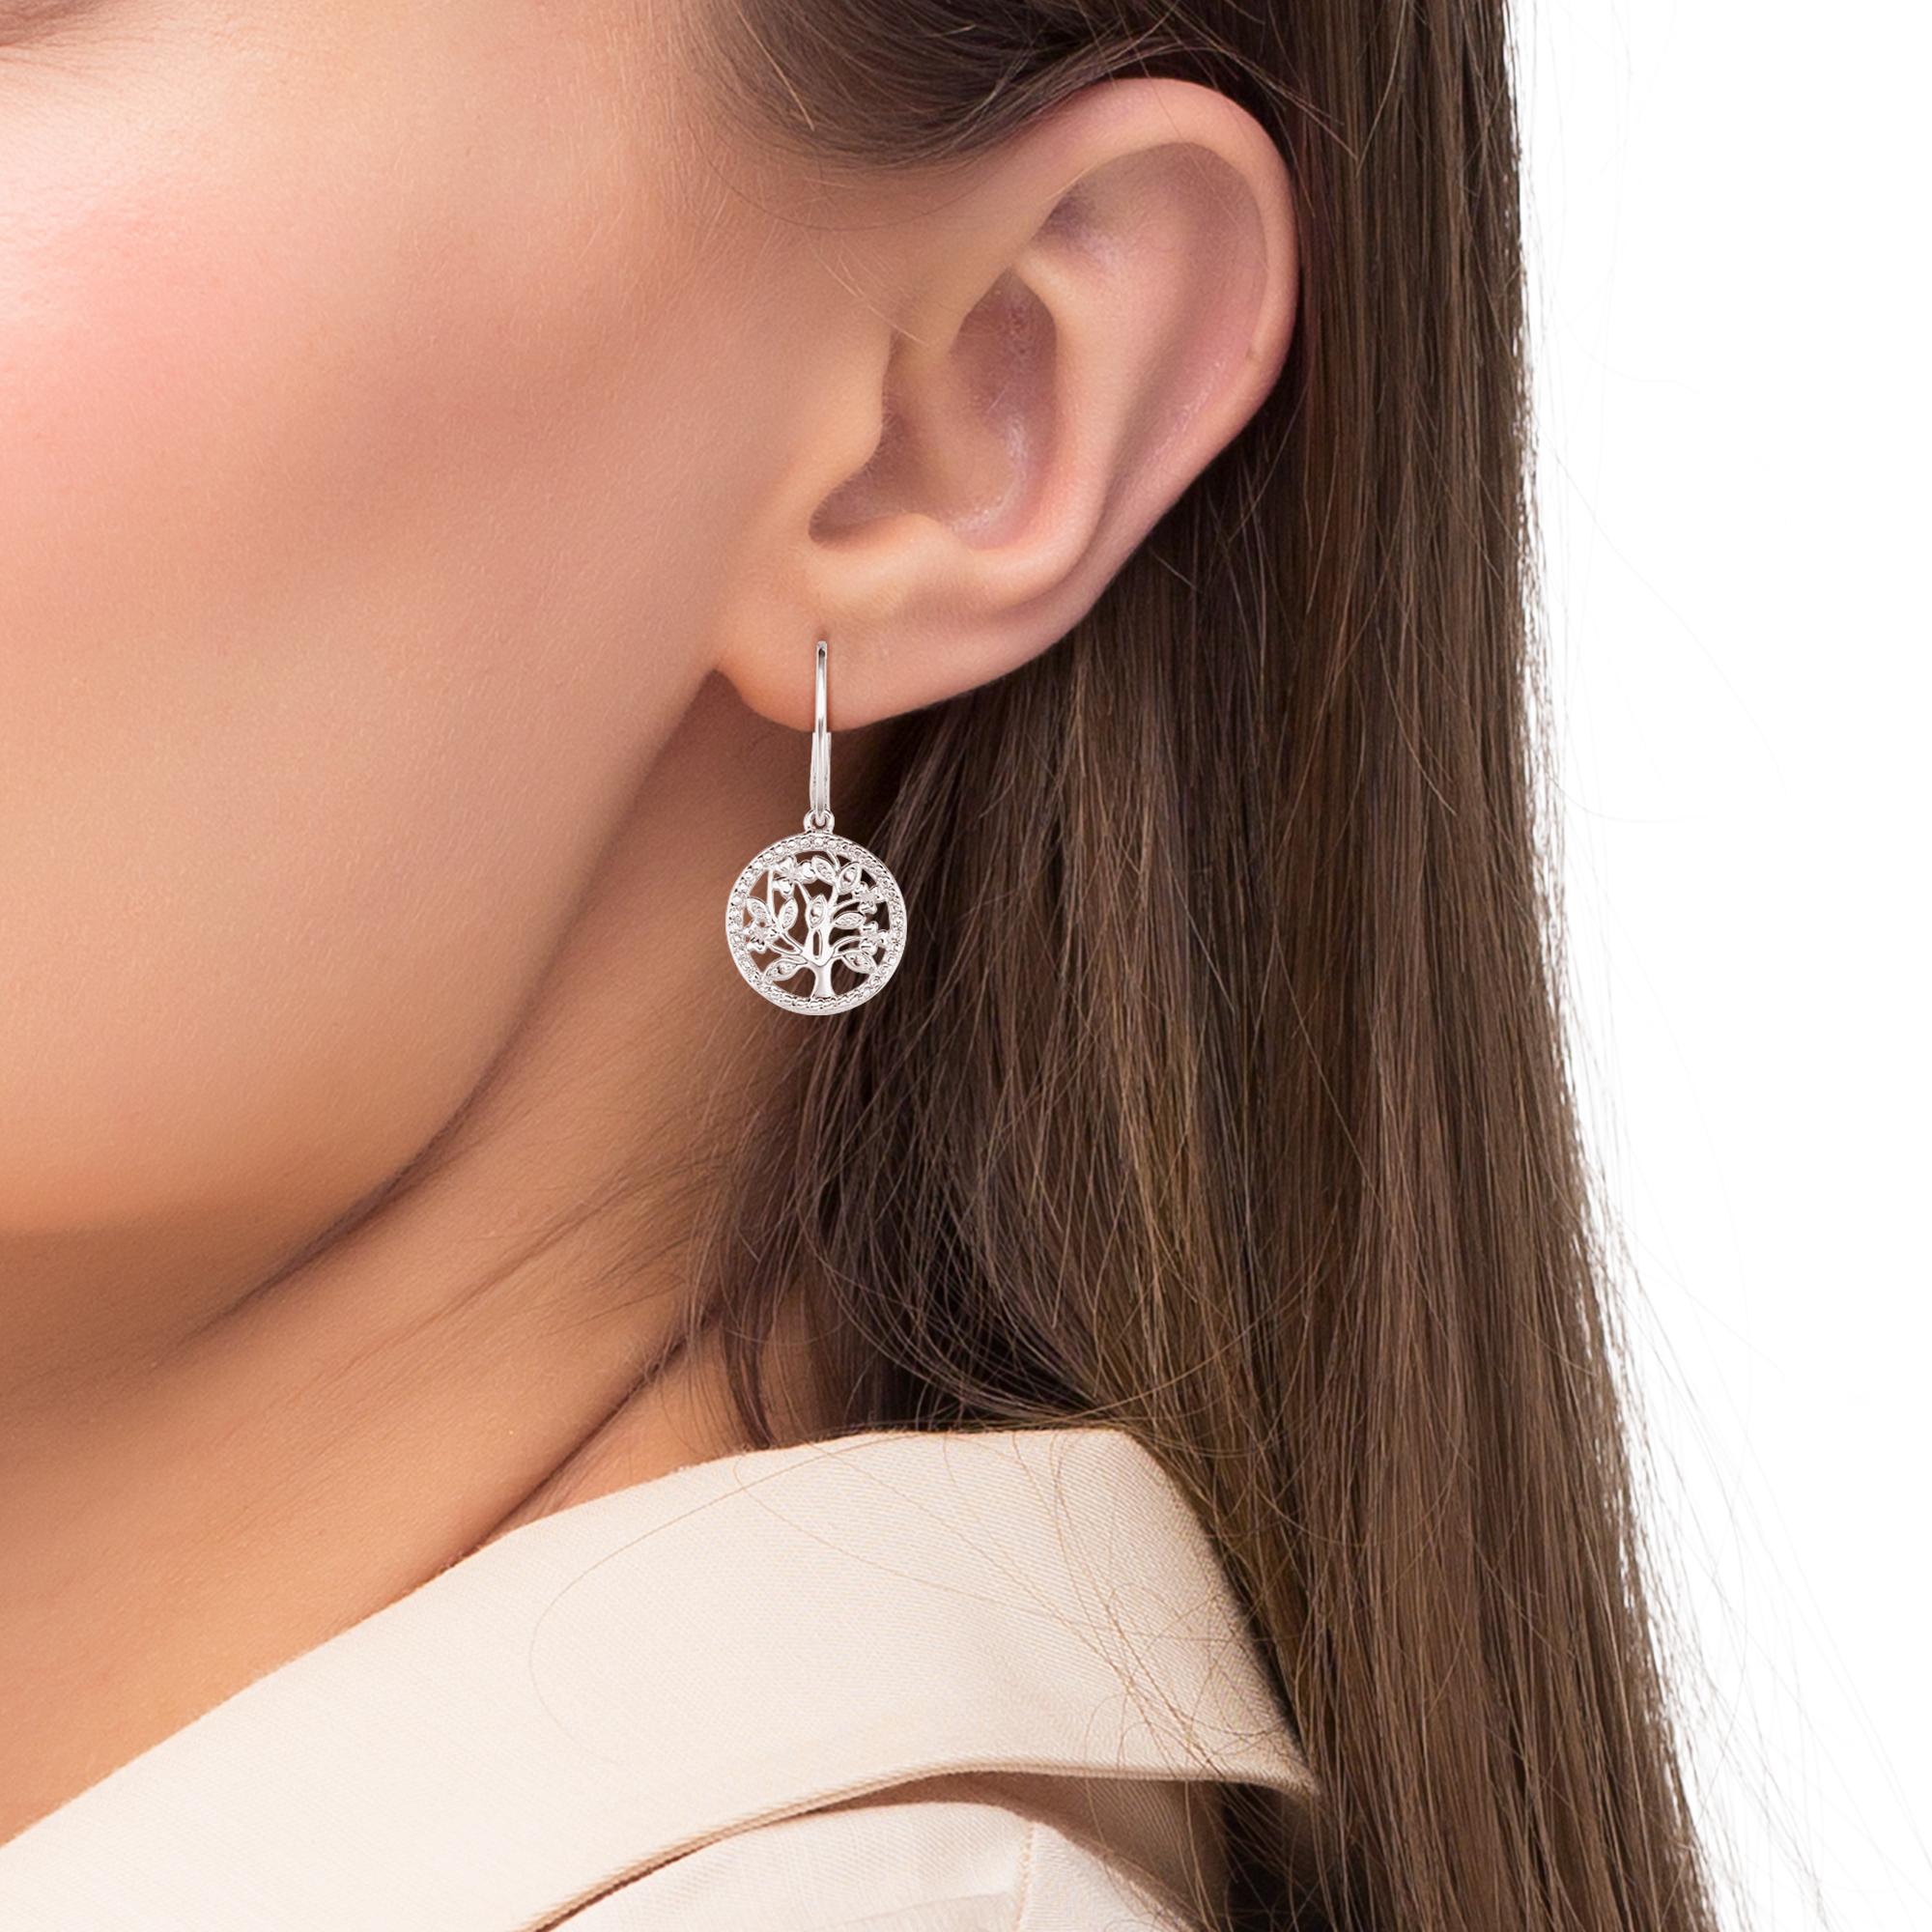 Ohrhänger für Damen, Sterling Silber 925, Zirkonia Lebensbaum